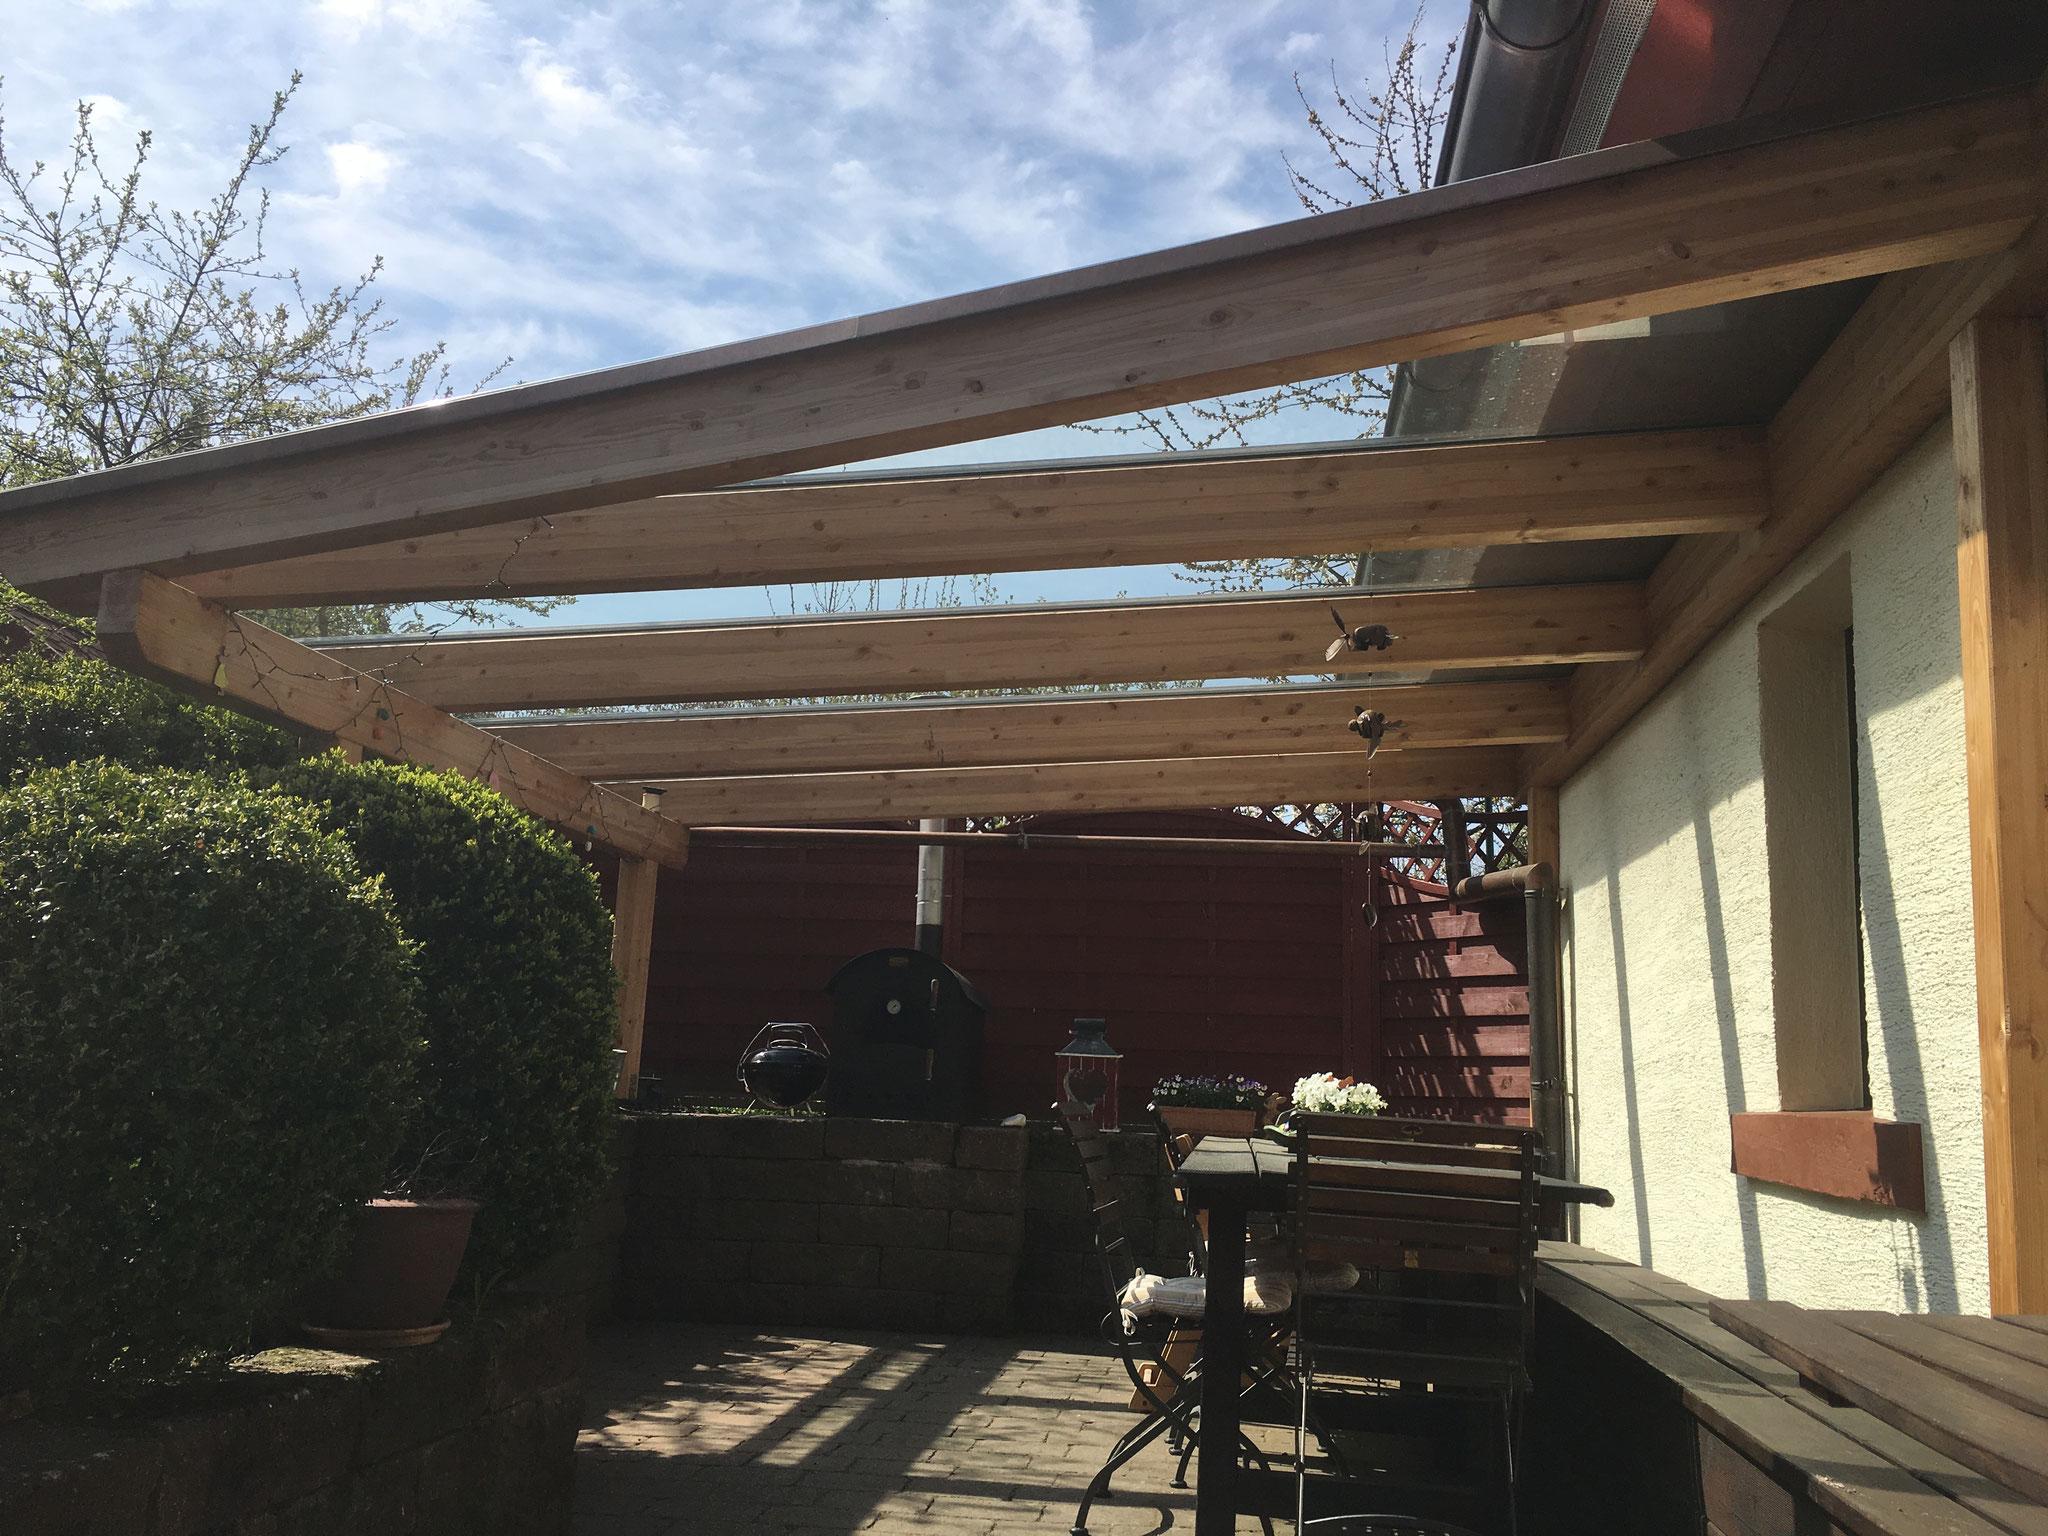 nachher - mit der neuen Überdachung ist die Terrasse bei (fast) jedem Wetter nutzbar